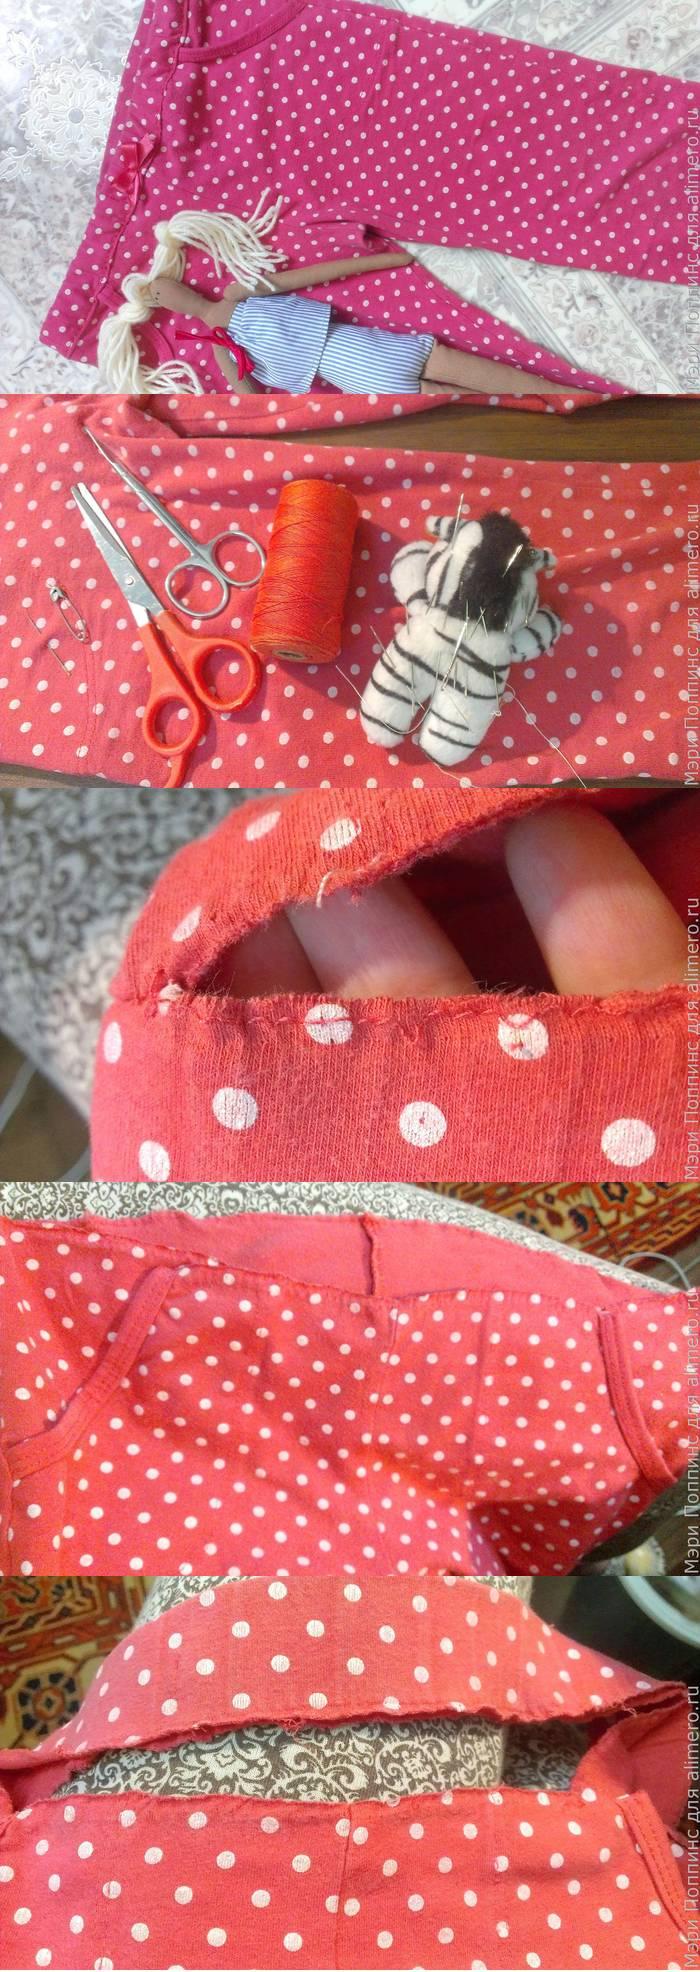 Как вшить резинку в штаны